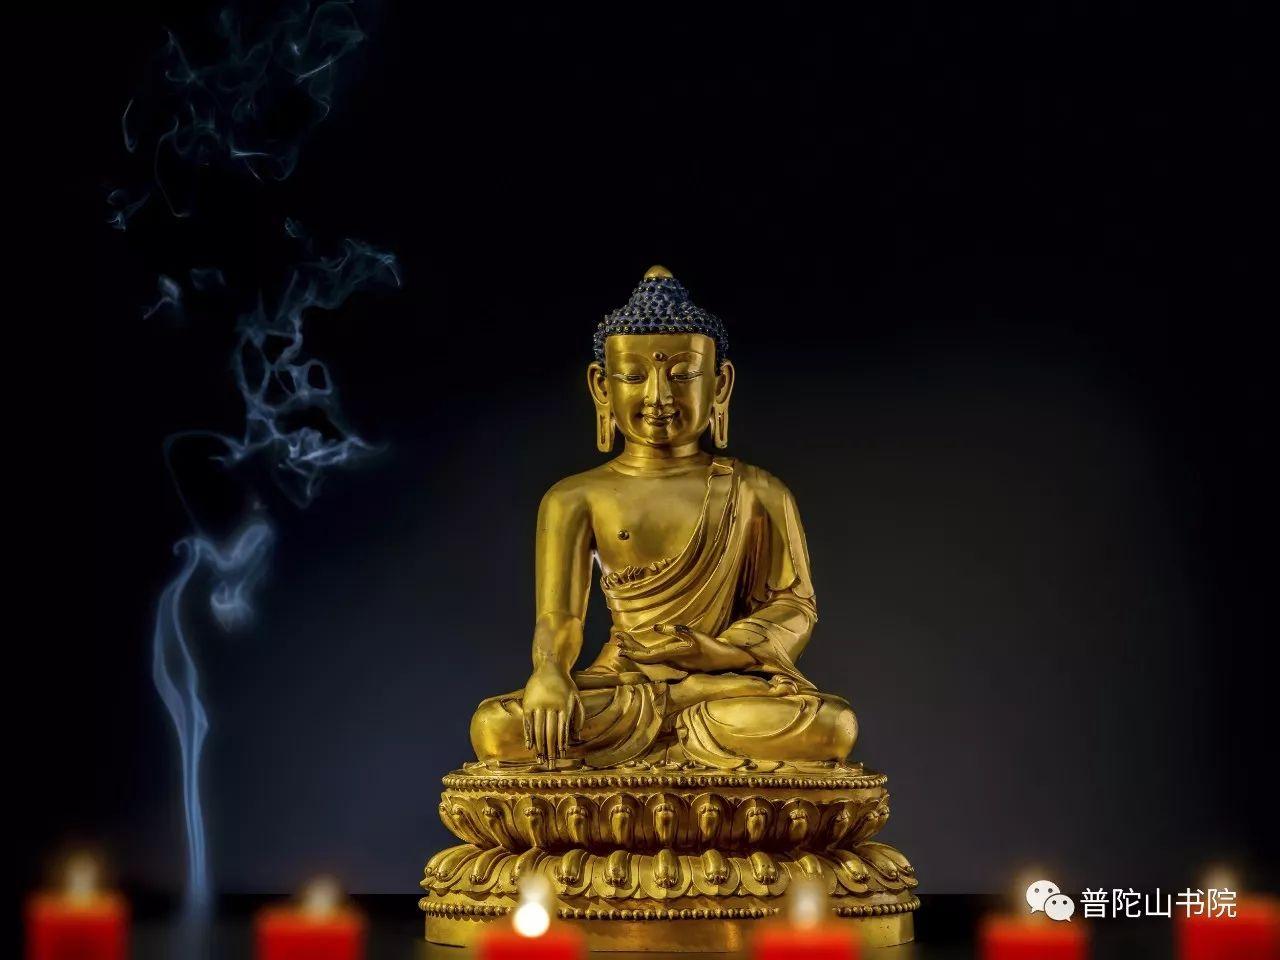 【法界莲舟】--金铜佛像艺术摄影展